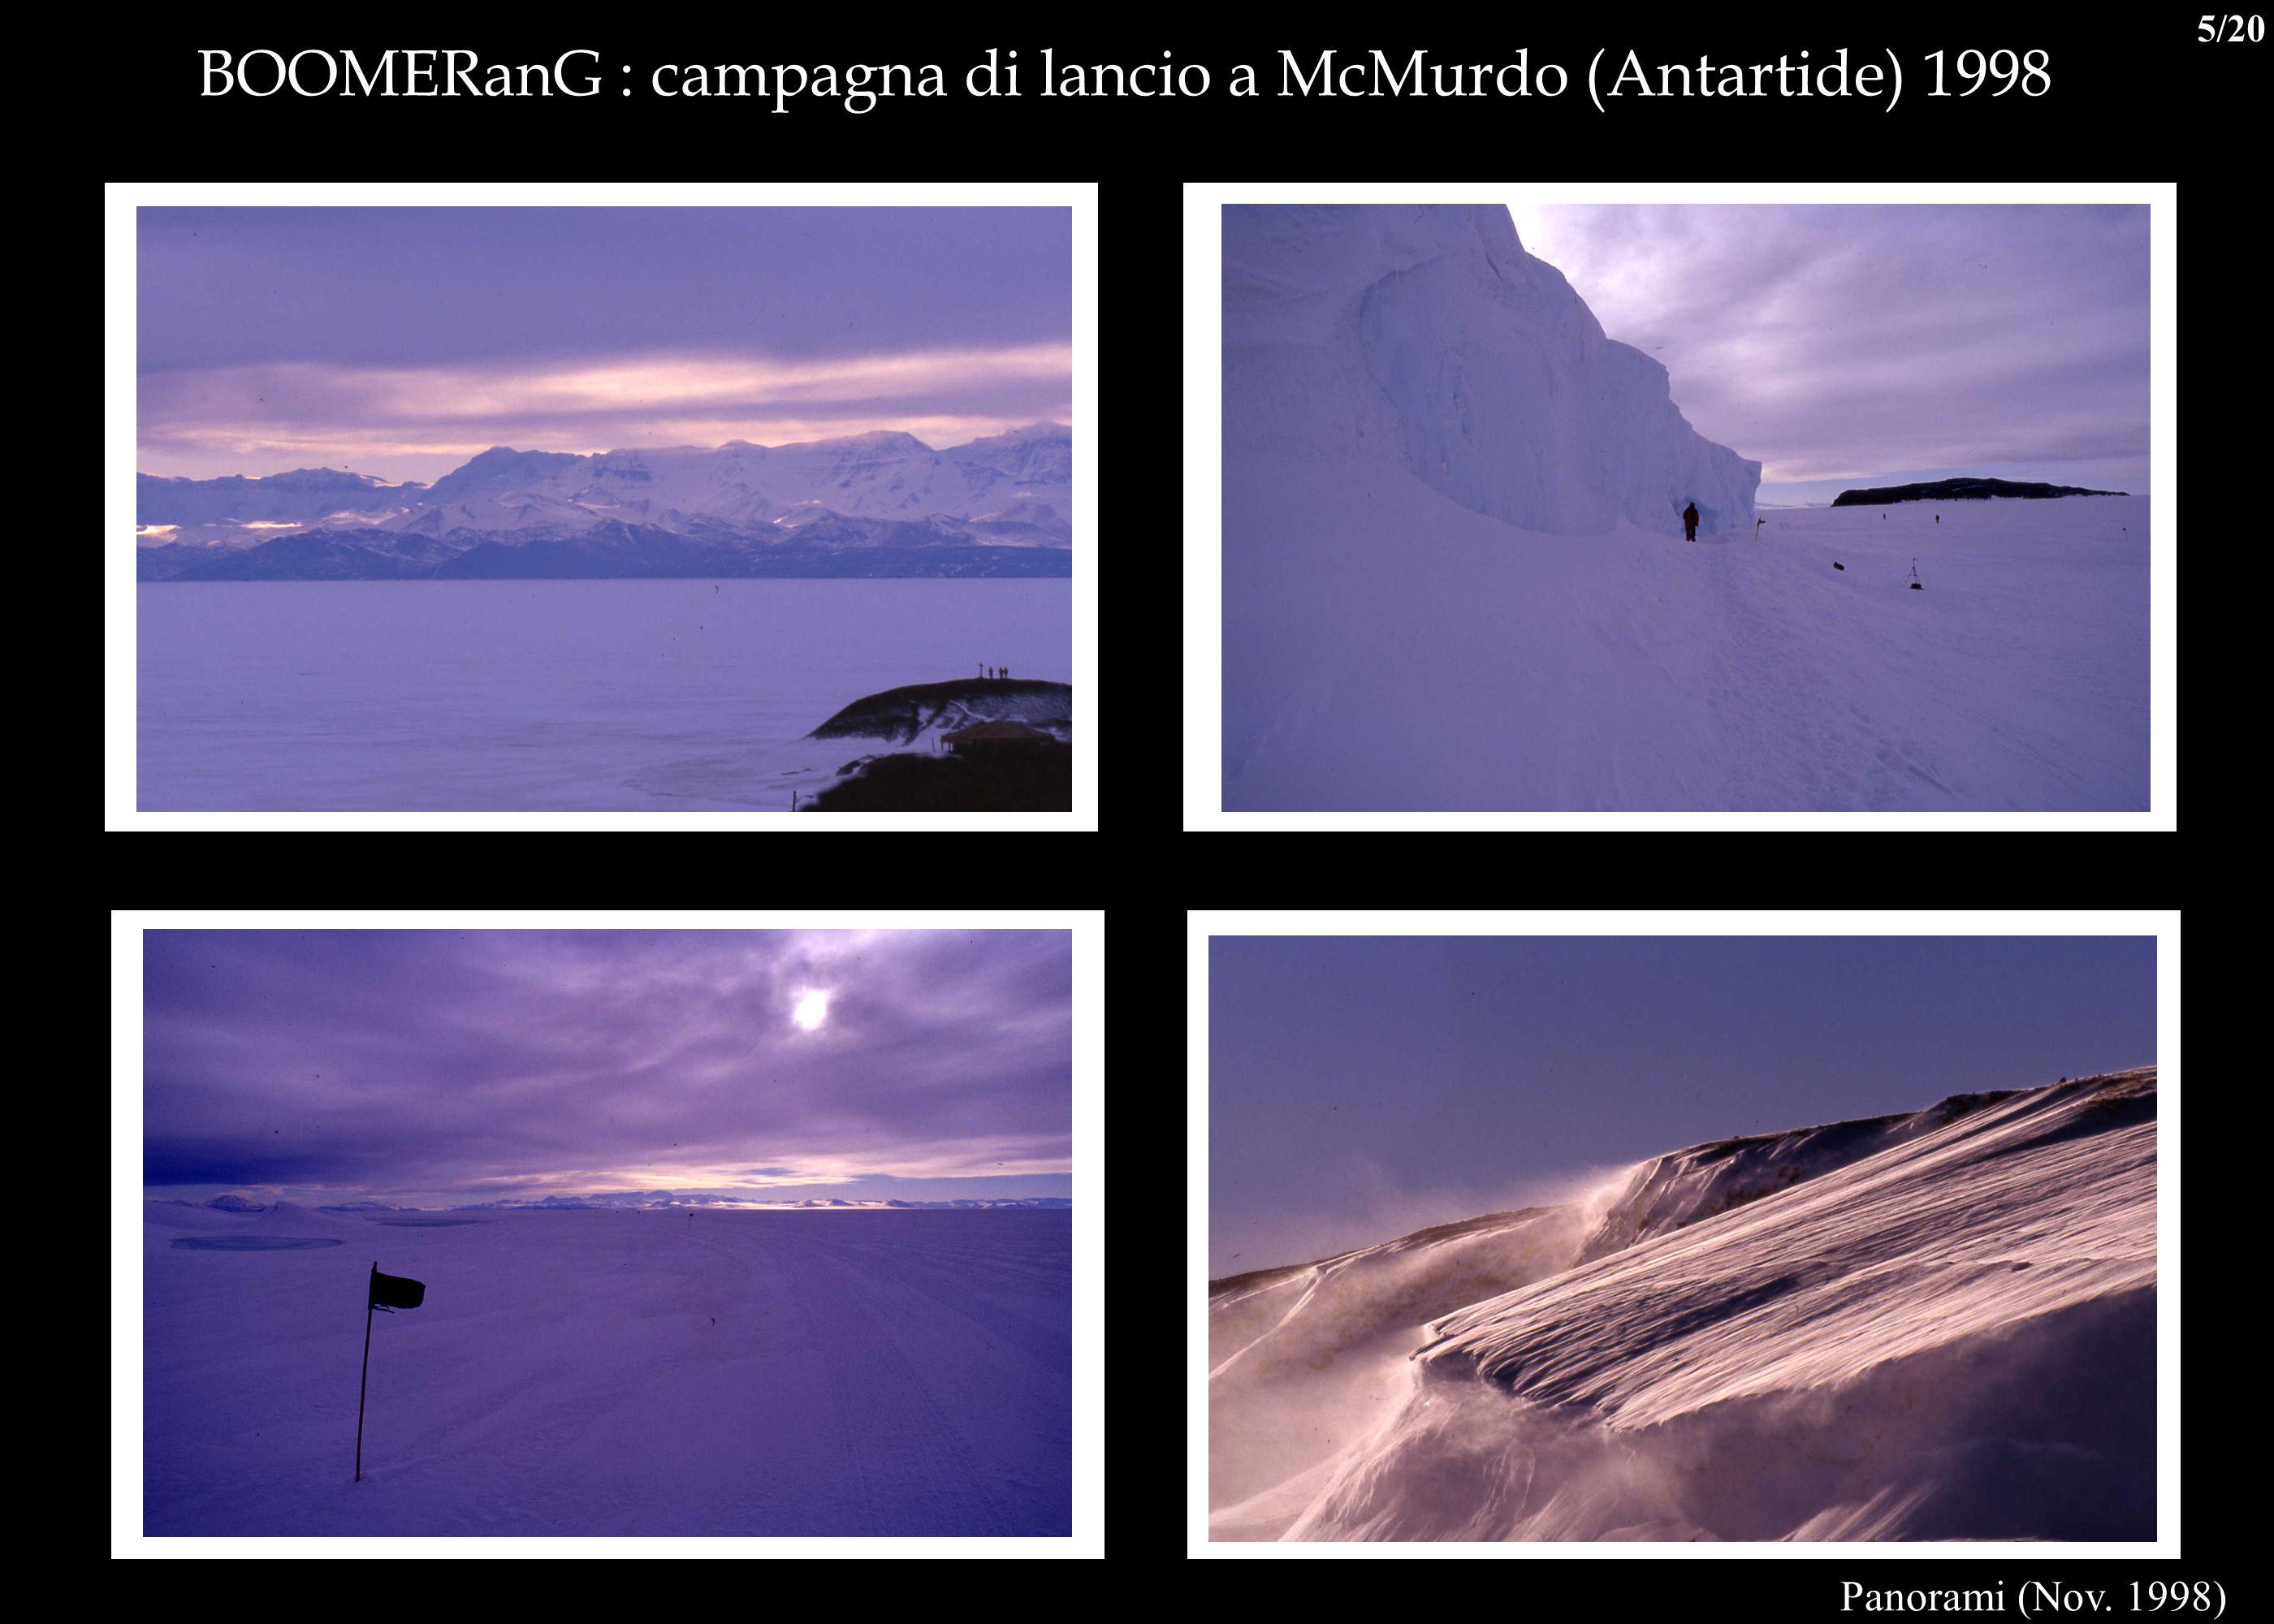 BOOMERanG : campagna di lancio a McMurdo (Antartide) 1998 Panorami (Nov. 1998) 5/20